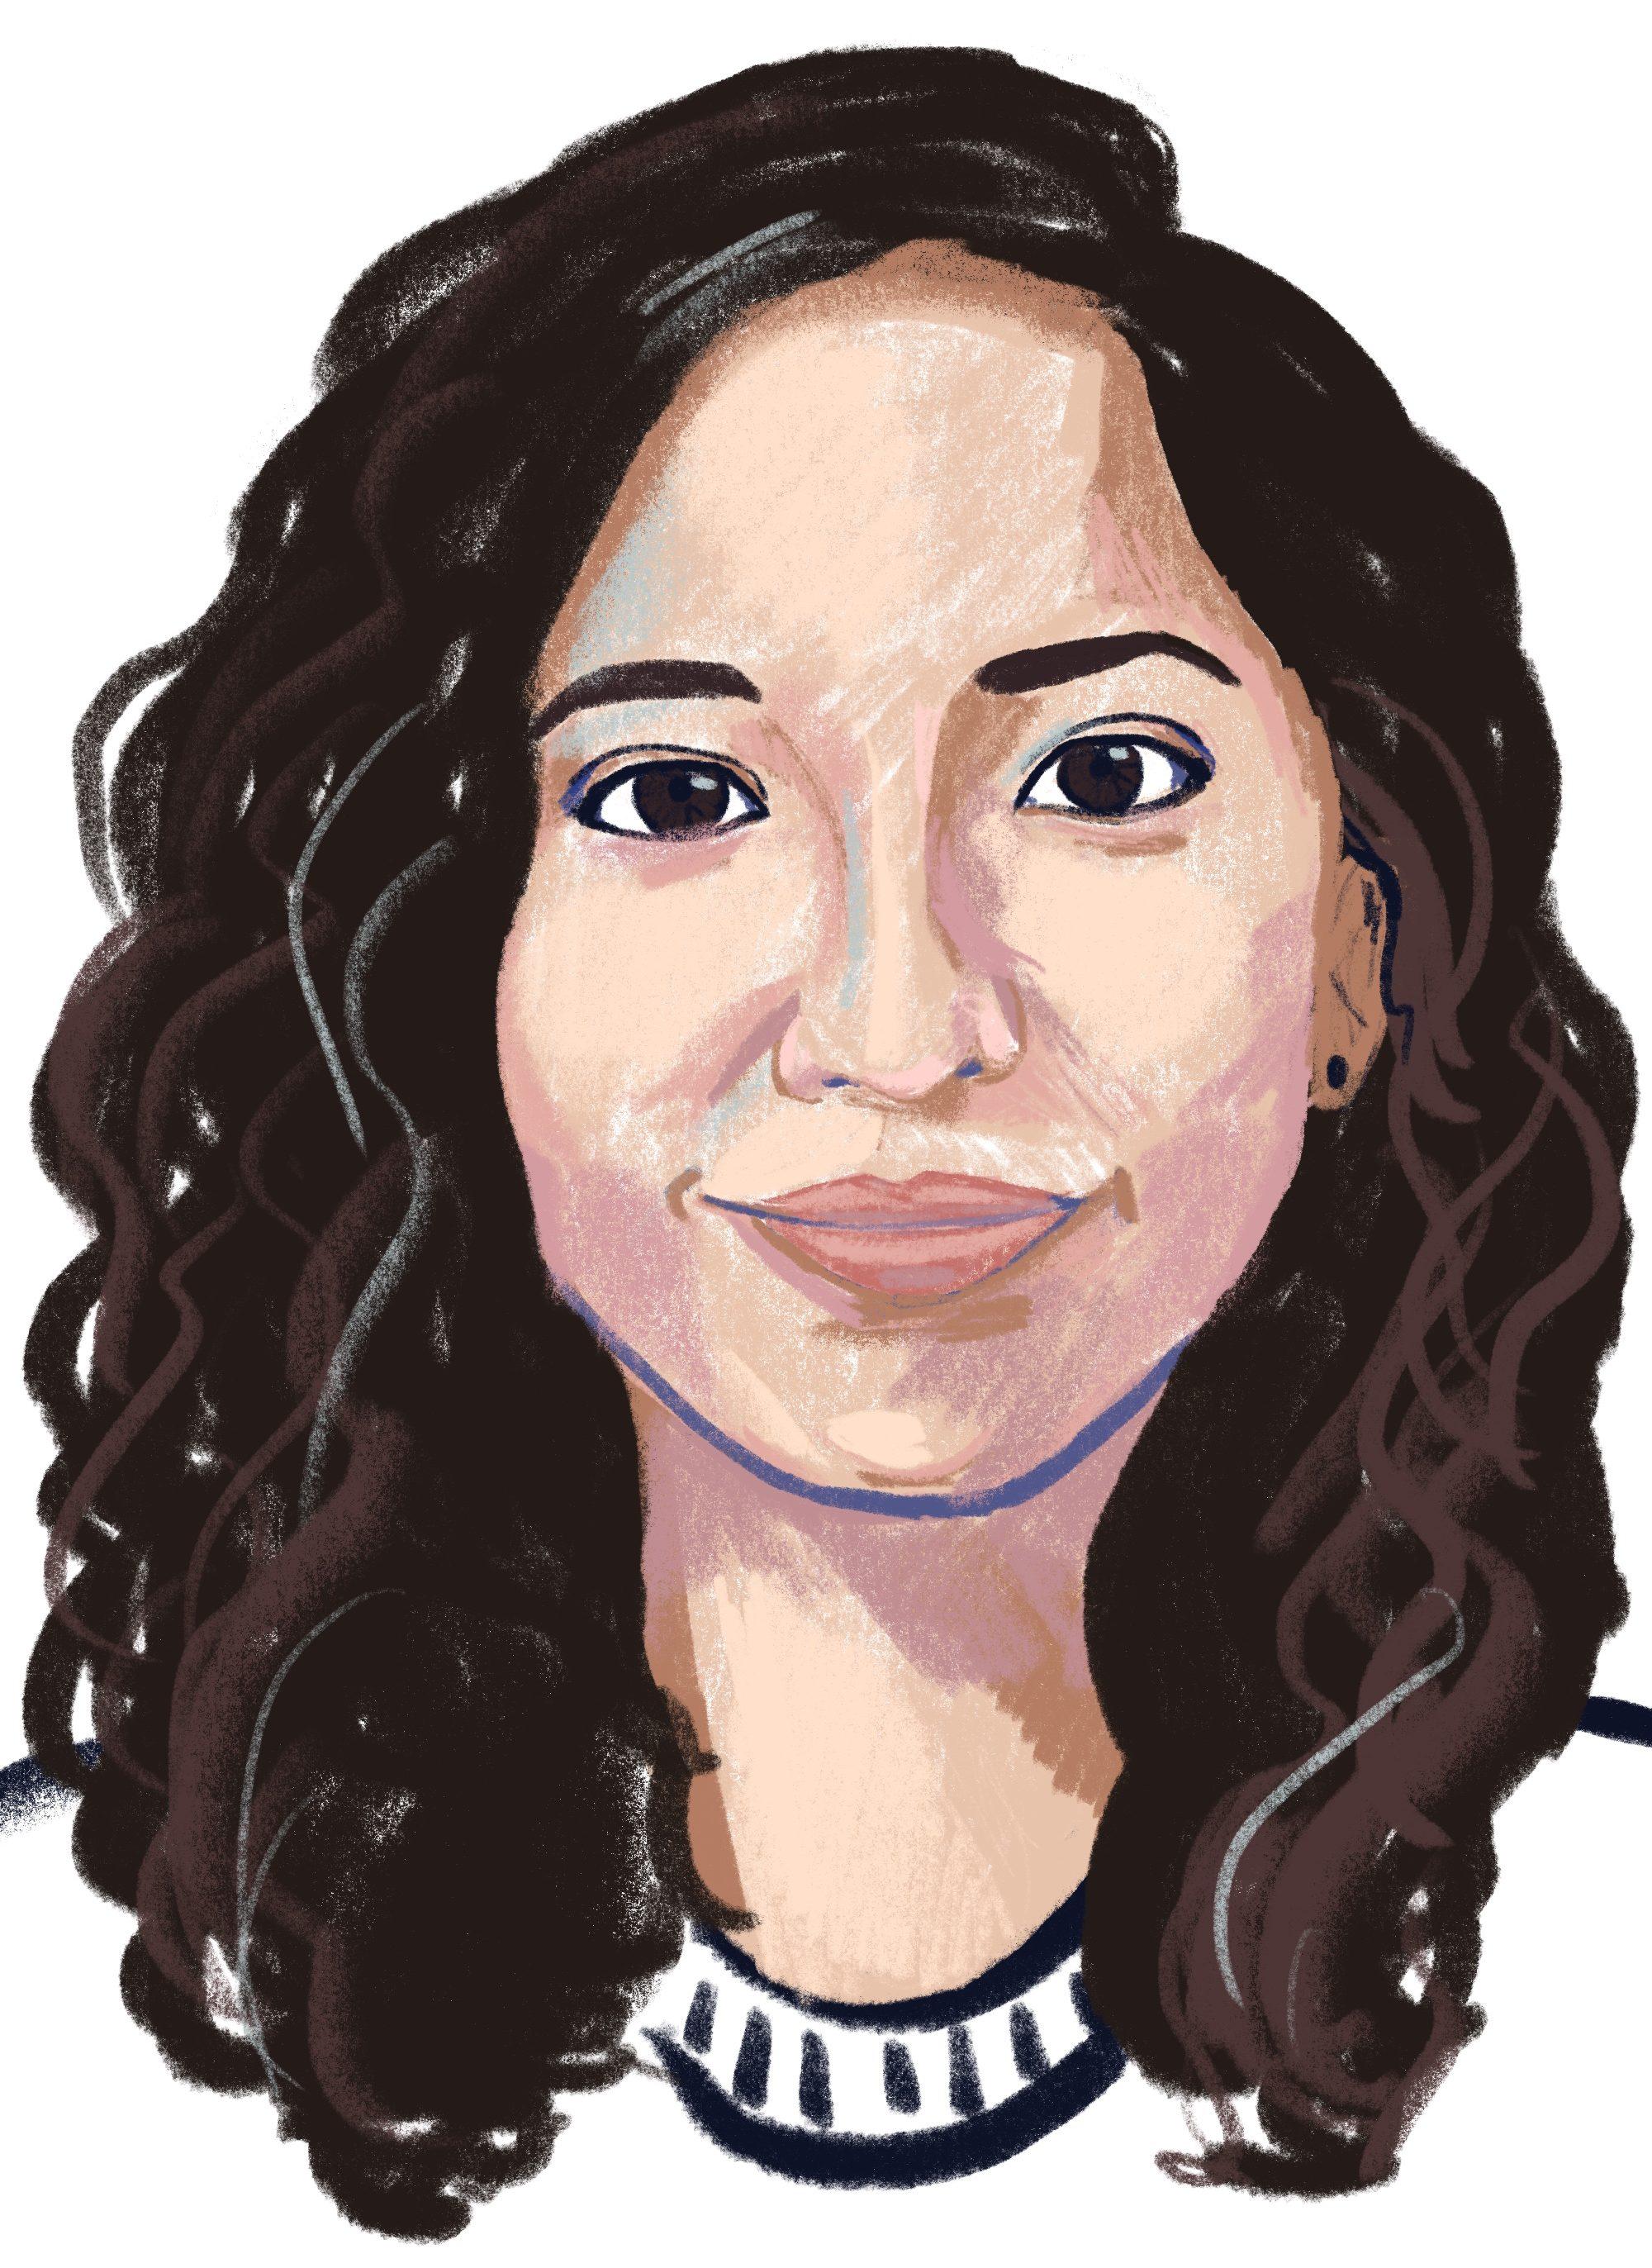 By Esmy Jimenez